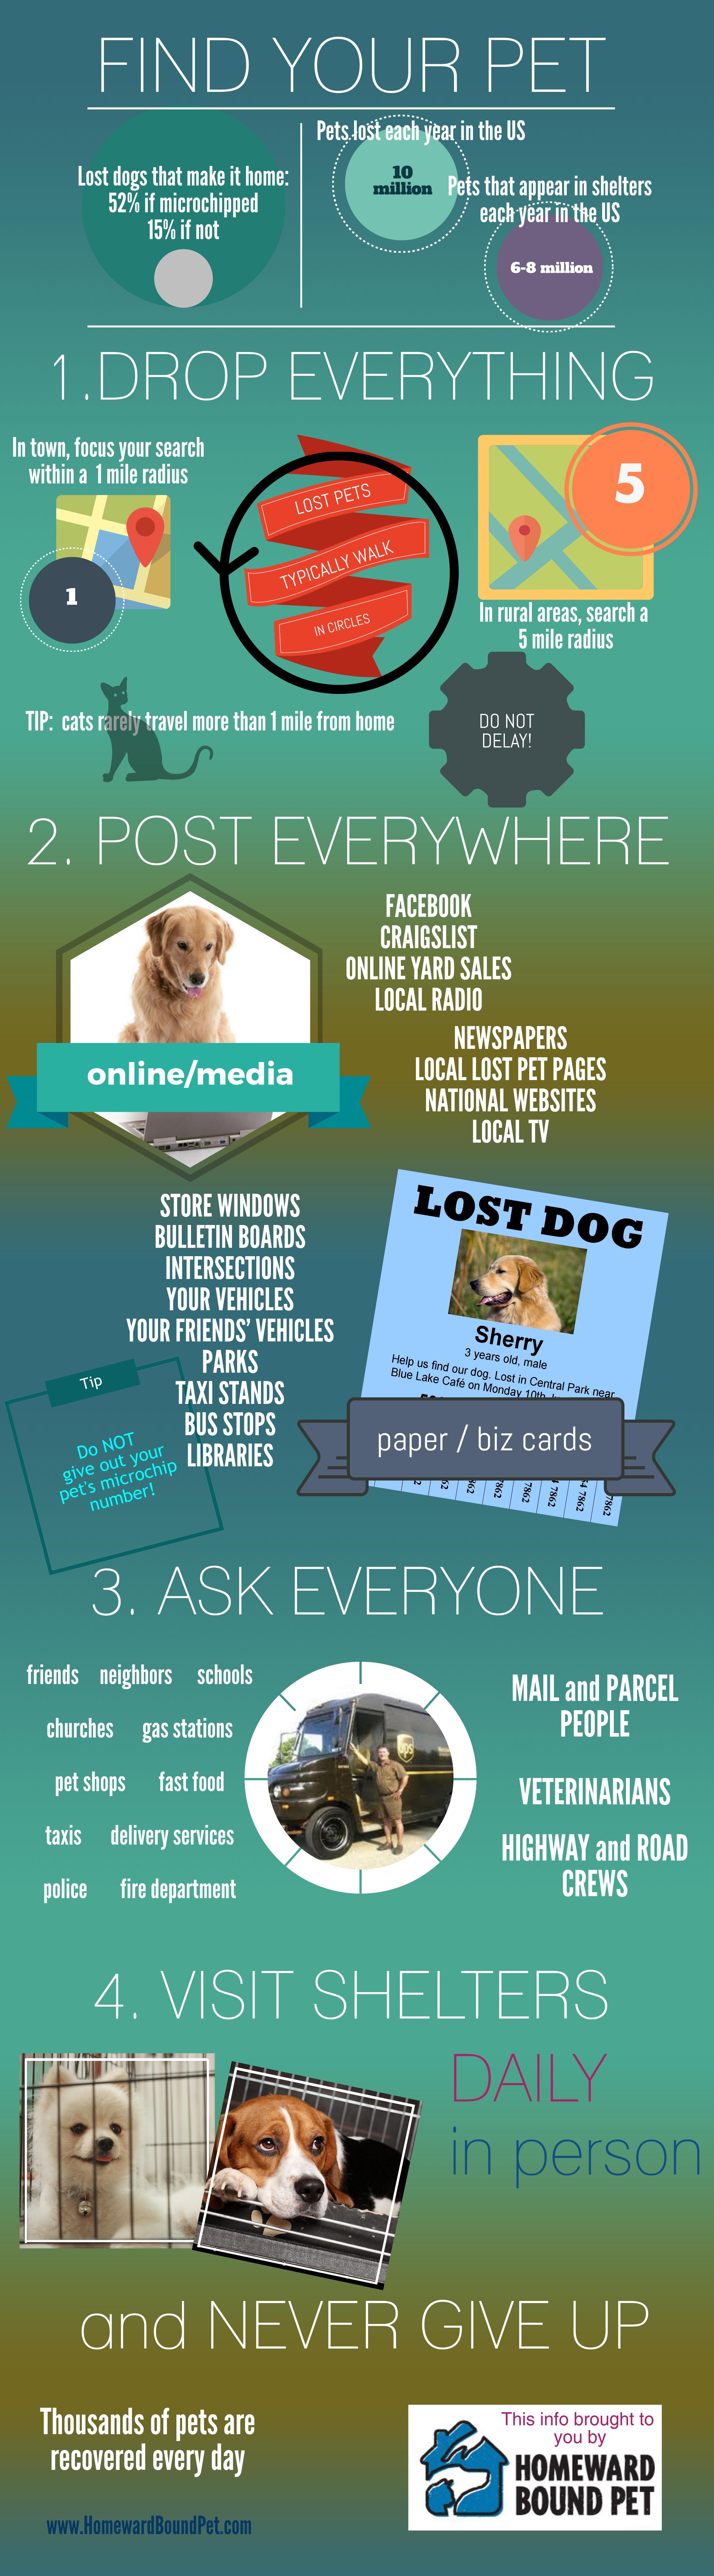 Homeward Bound Pet Online